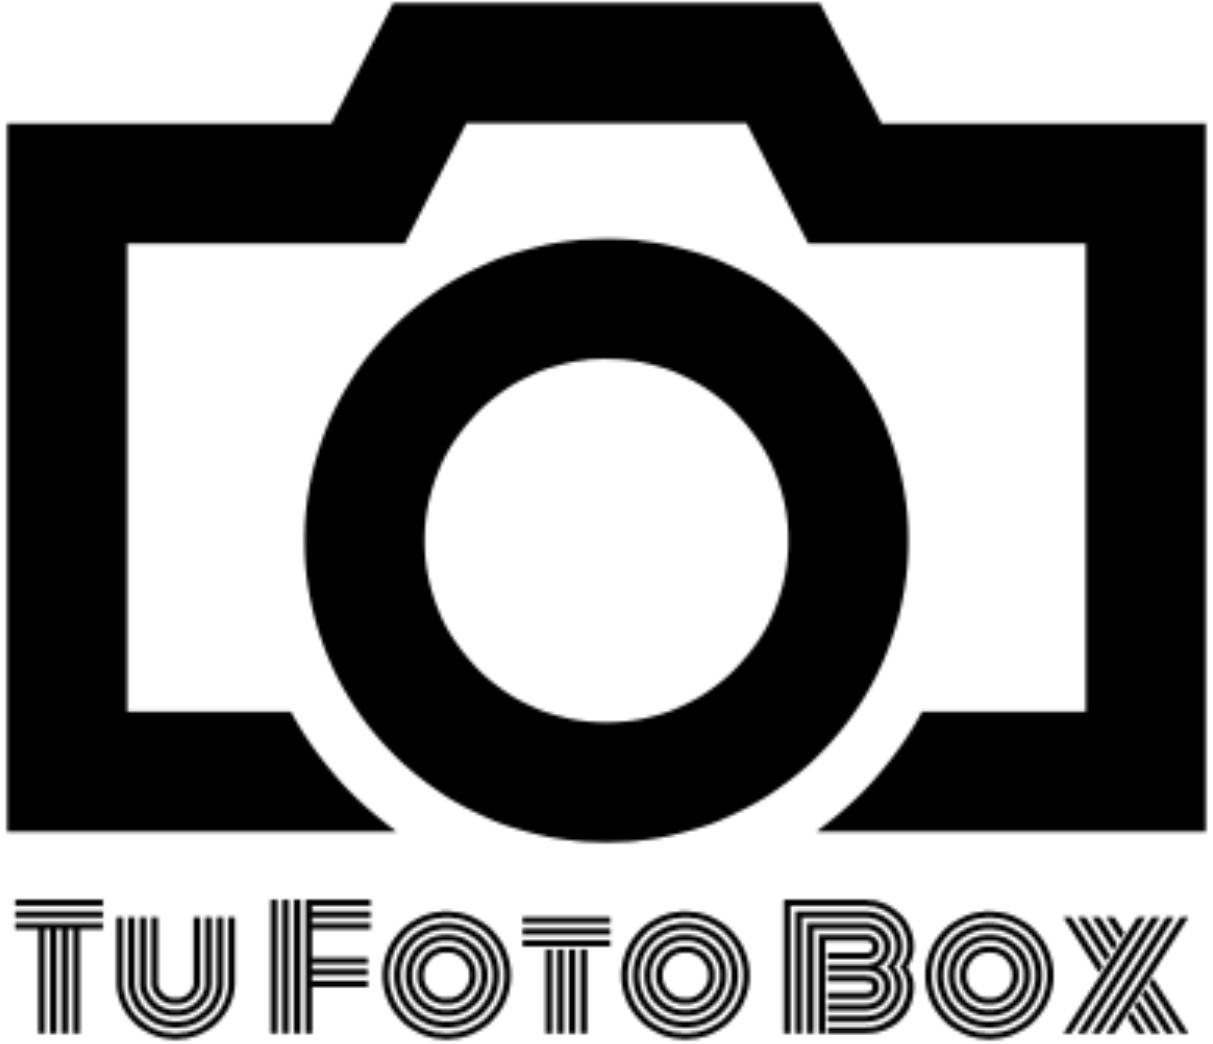 TuFotoBox